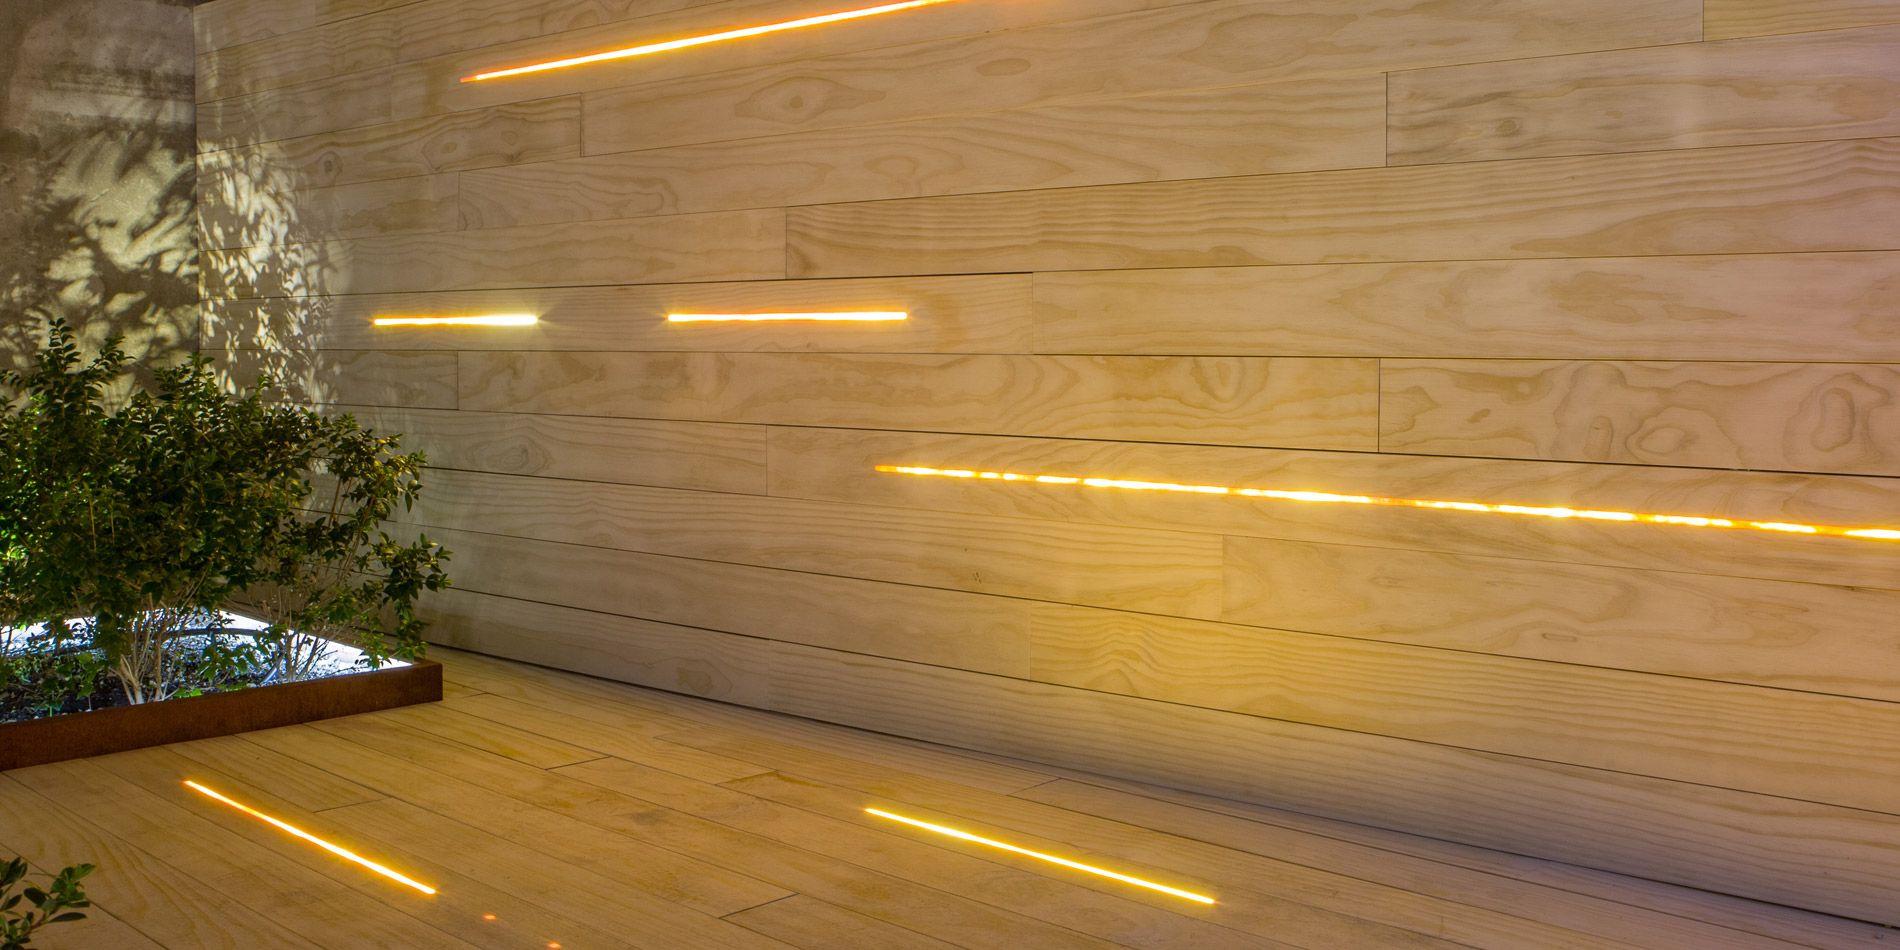 Accoya Terrasse Und Fassade Mit Integrierter Led Beleuchtung Fassadenbeleuchtung Beleuchtung Lichtdesign